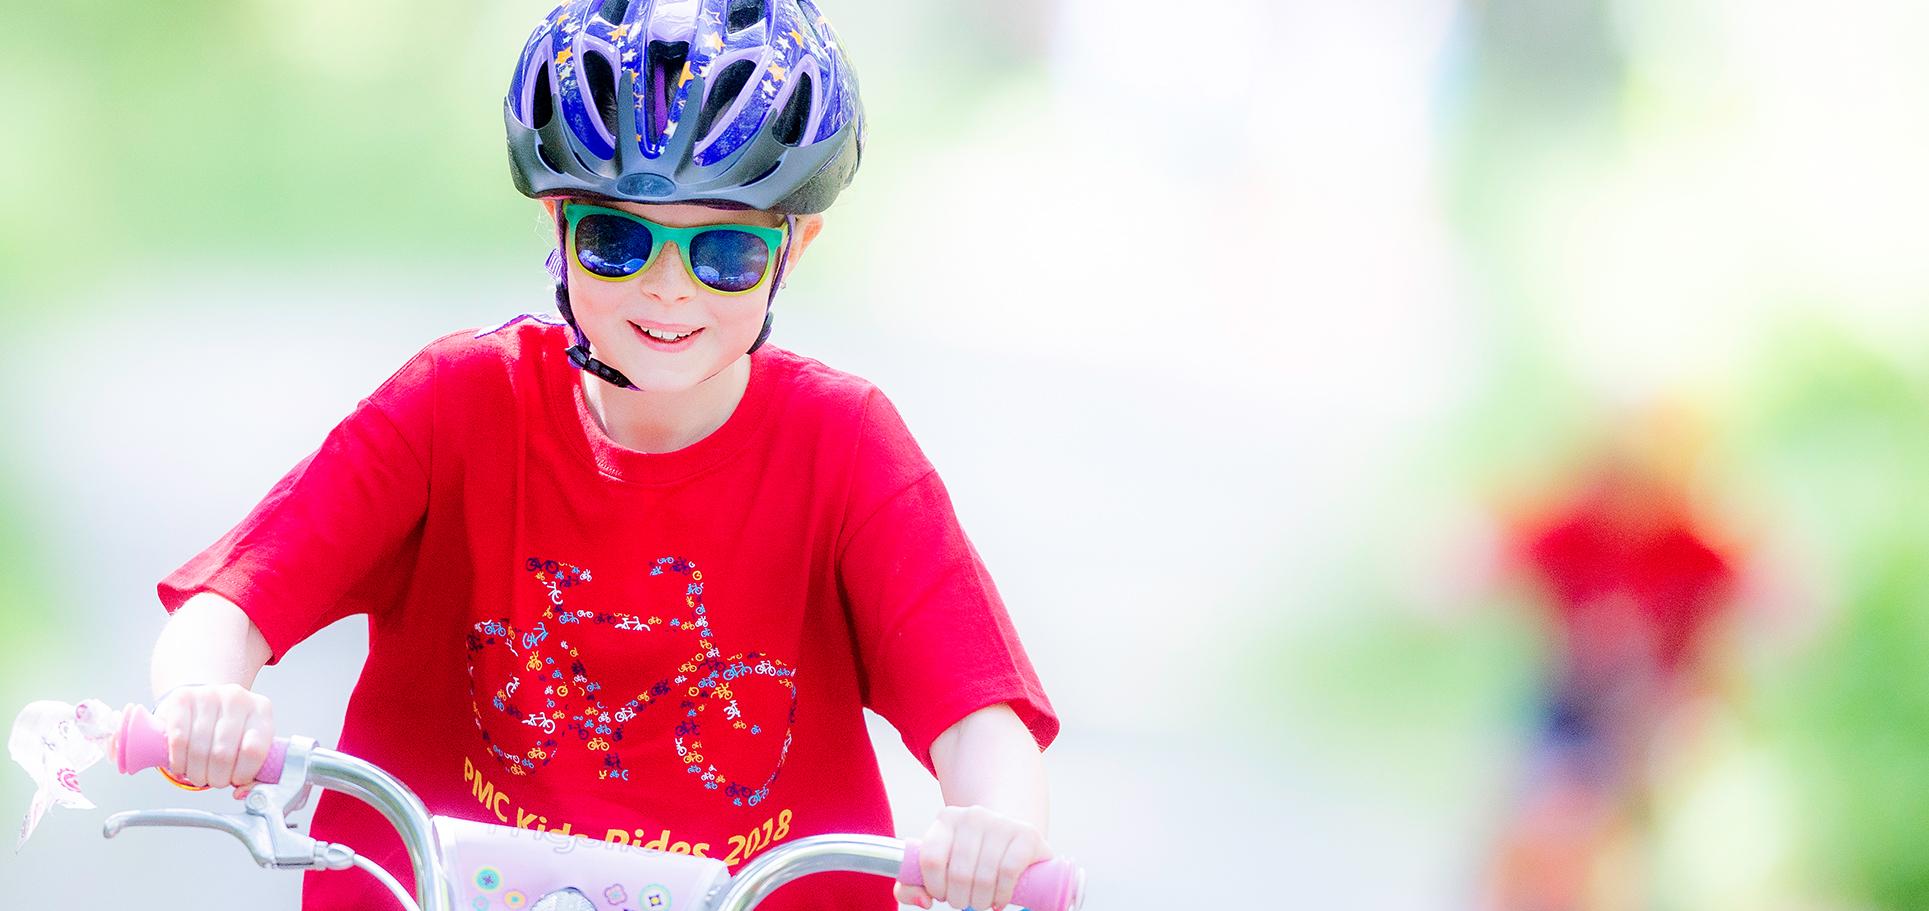 kidsrides_blog_032119